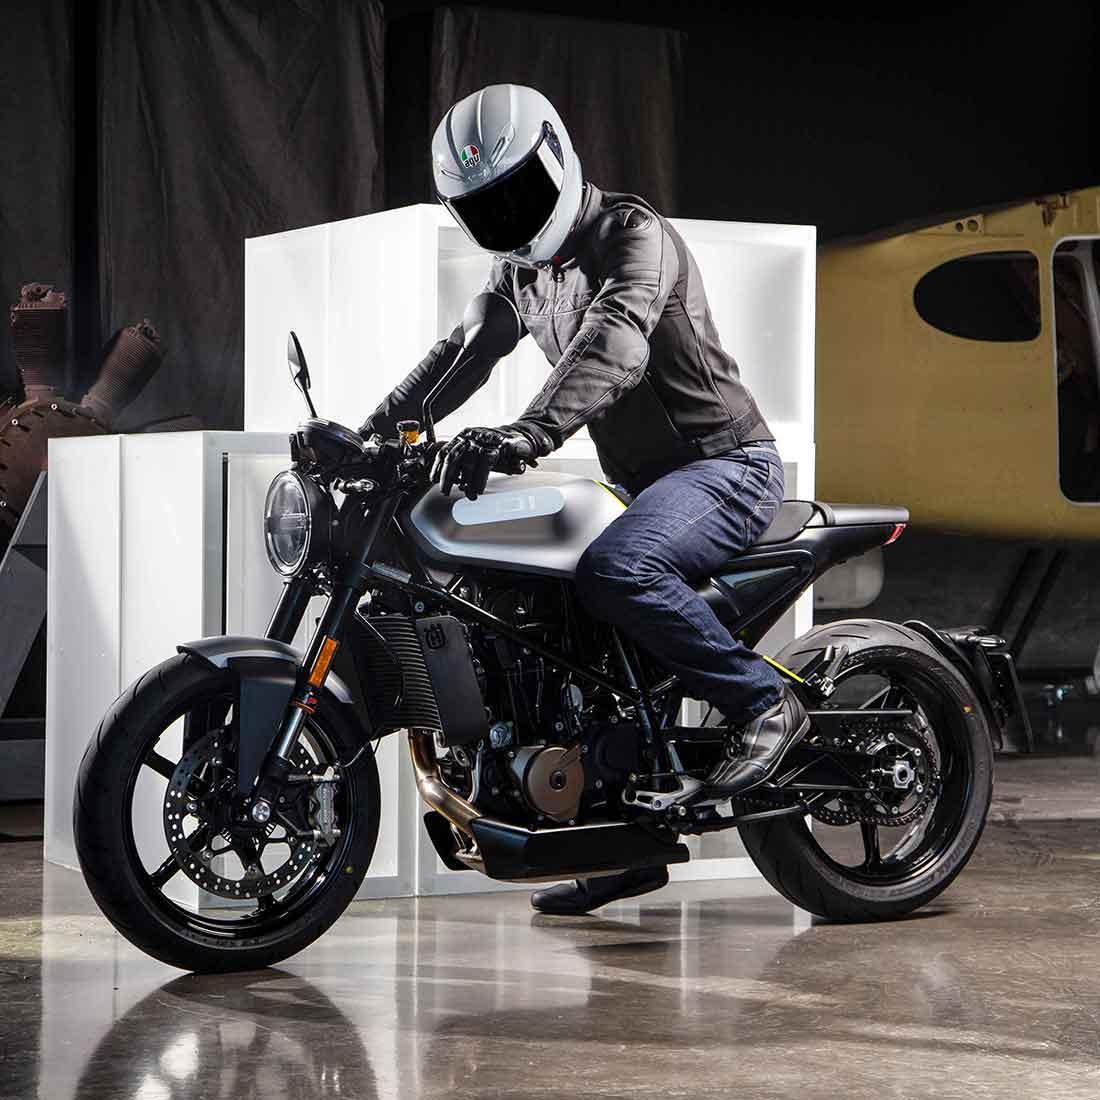 世界トップクラスの軽さを実現したAGVのフルフェイスヘルメット「K6」が2月1日に発売!